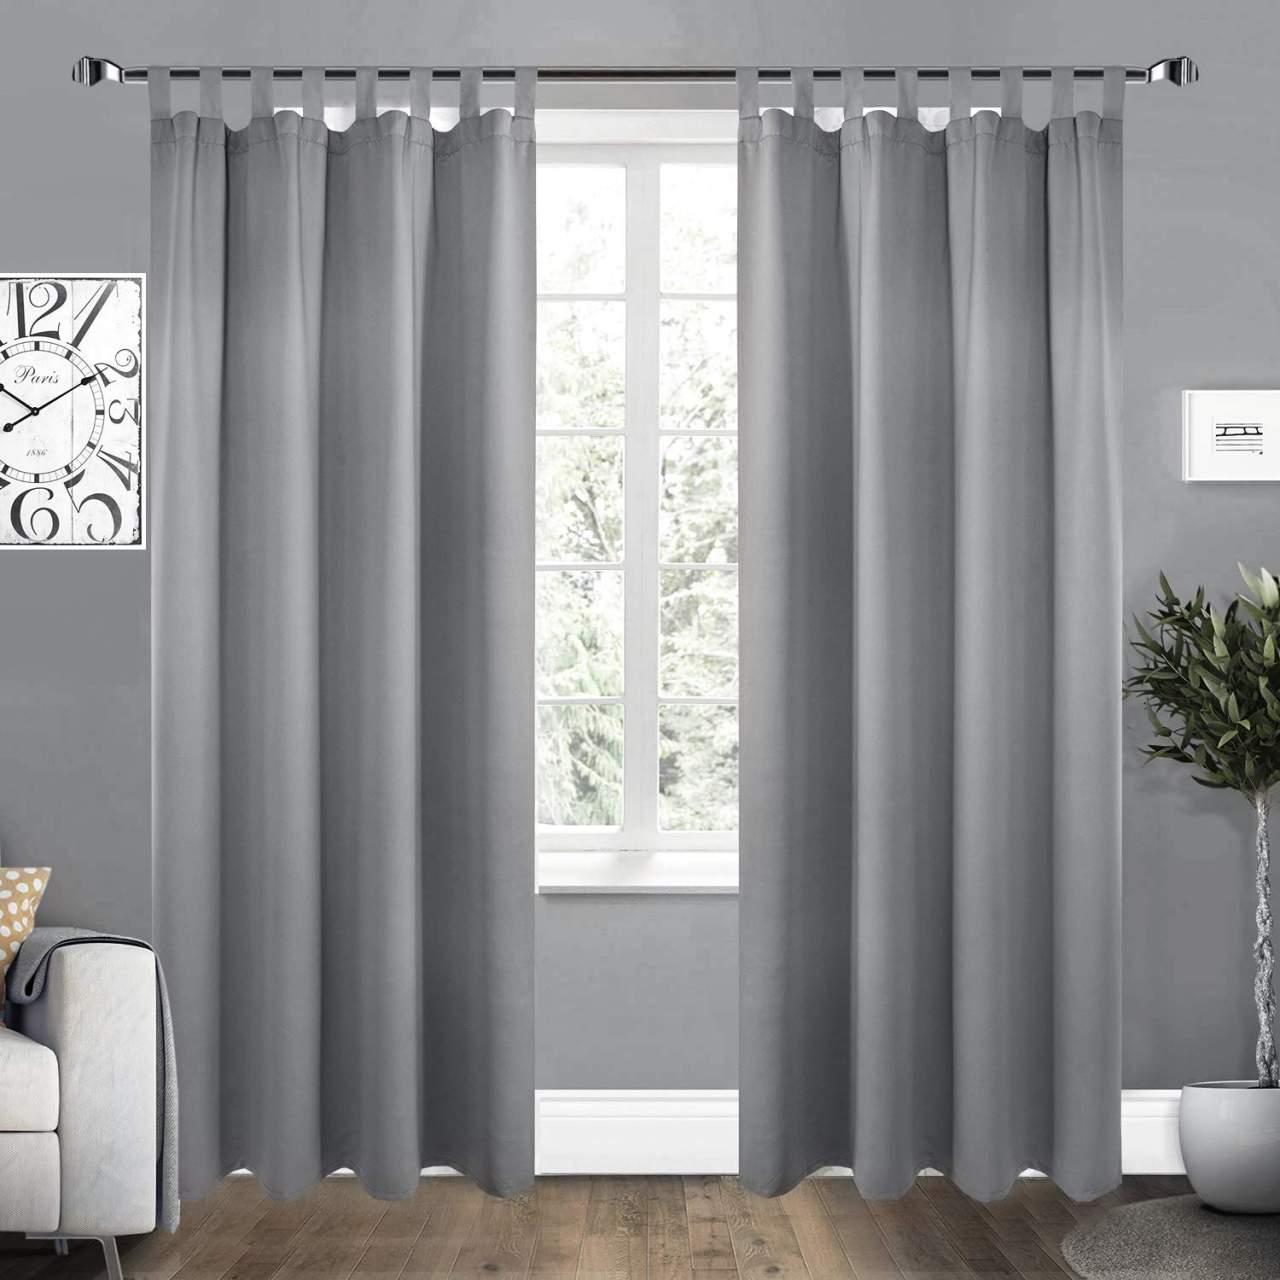 2er Set Vorhang Blickdicht Mit 8 Schlaufen Und Raffhalter Grau 135x225 Cm